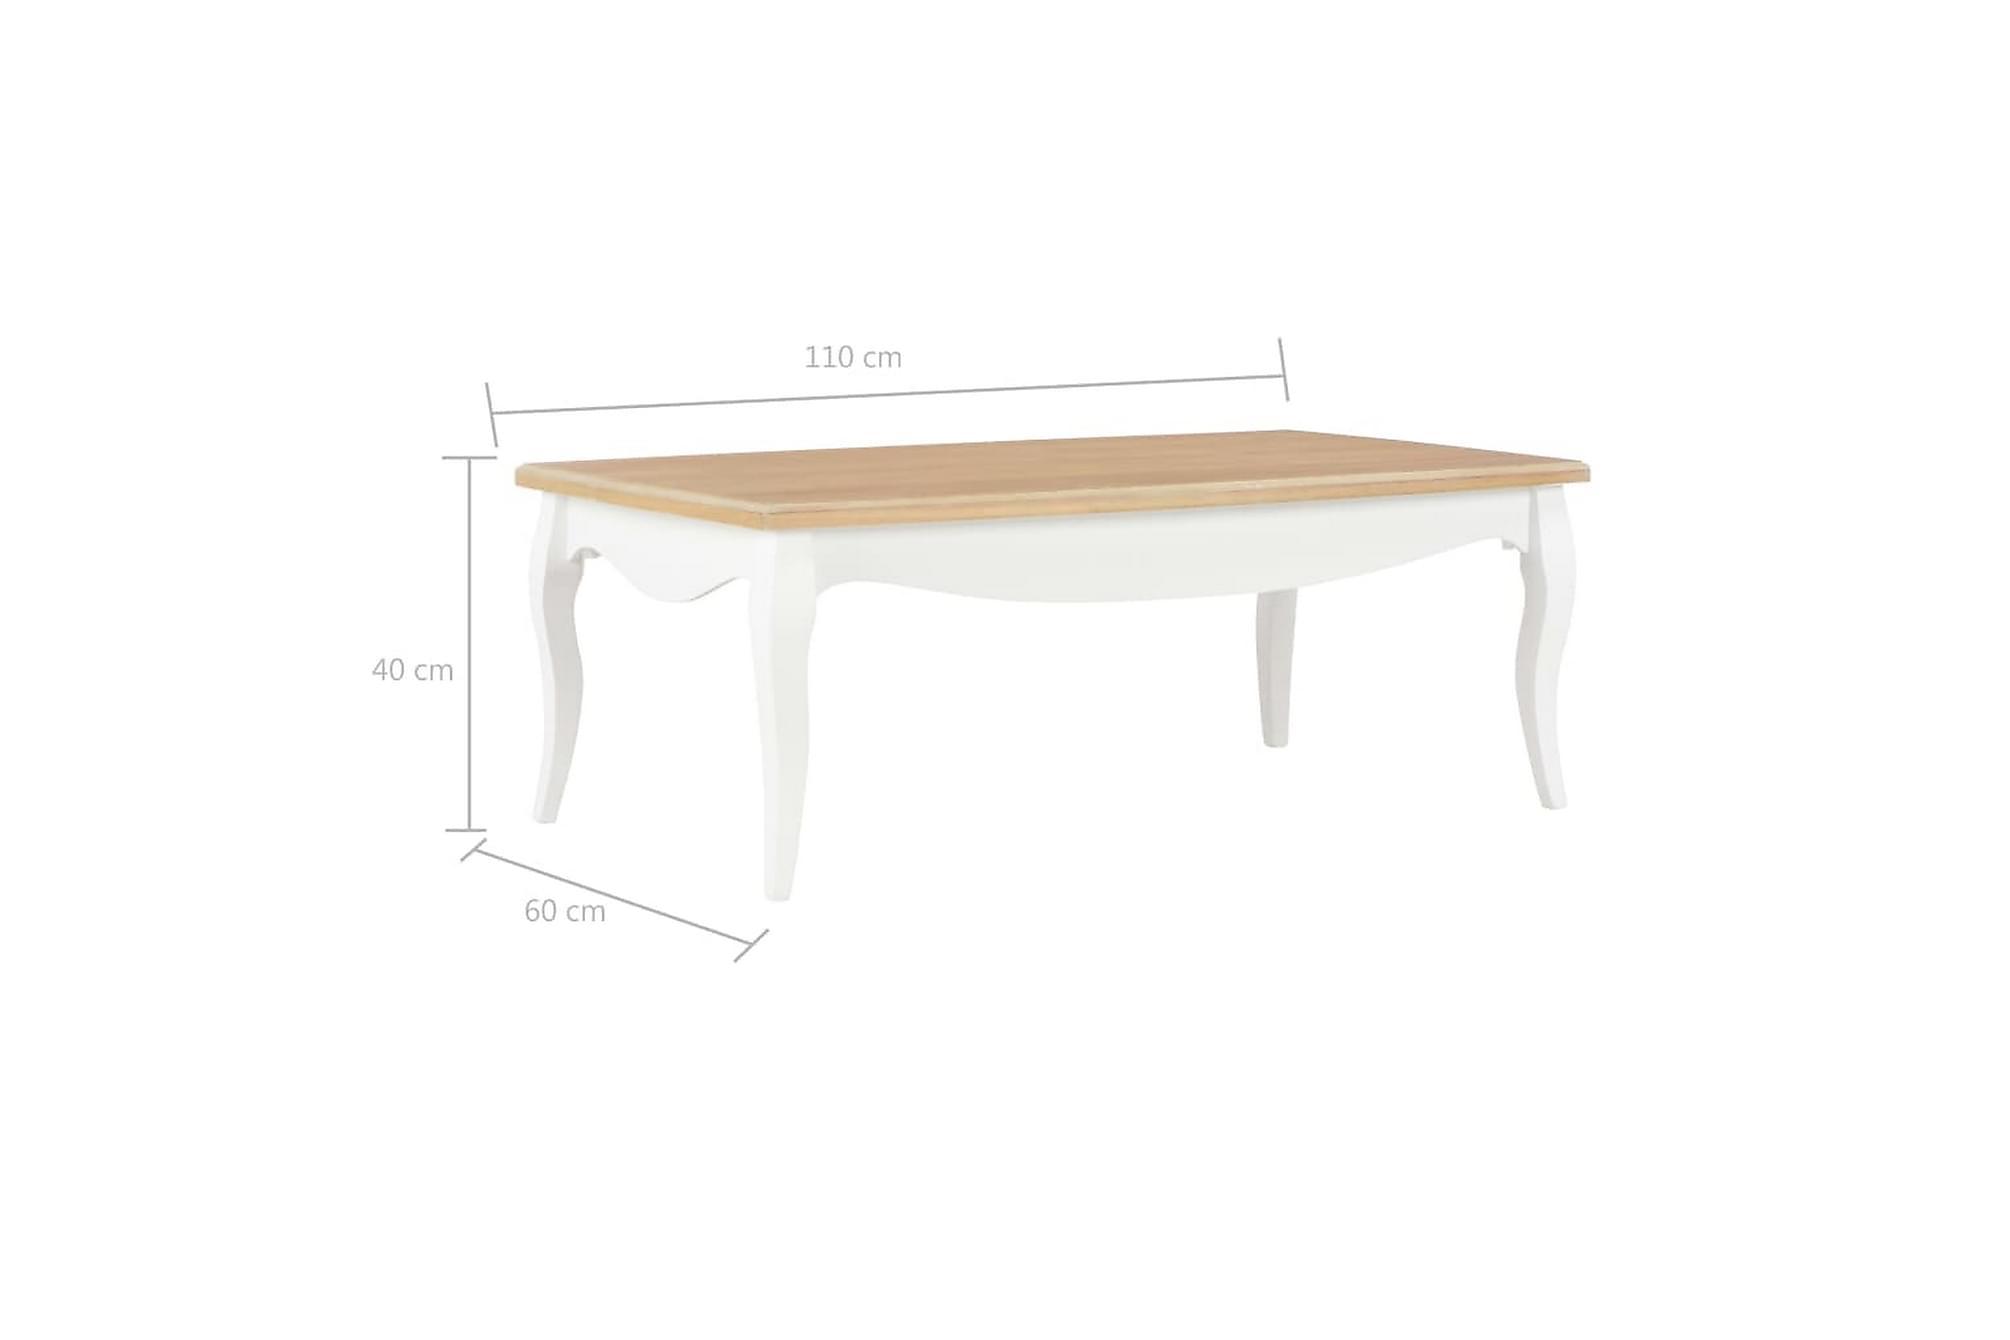 Soffbord vit och brun 110x60x40 cm massiv furu